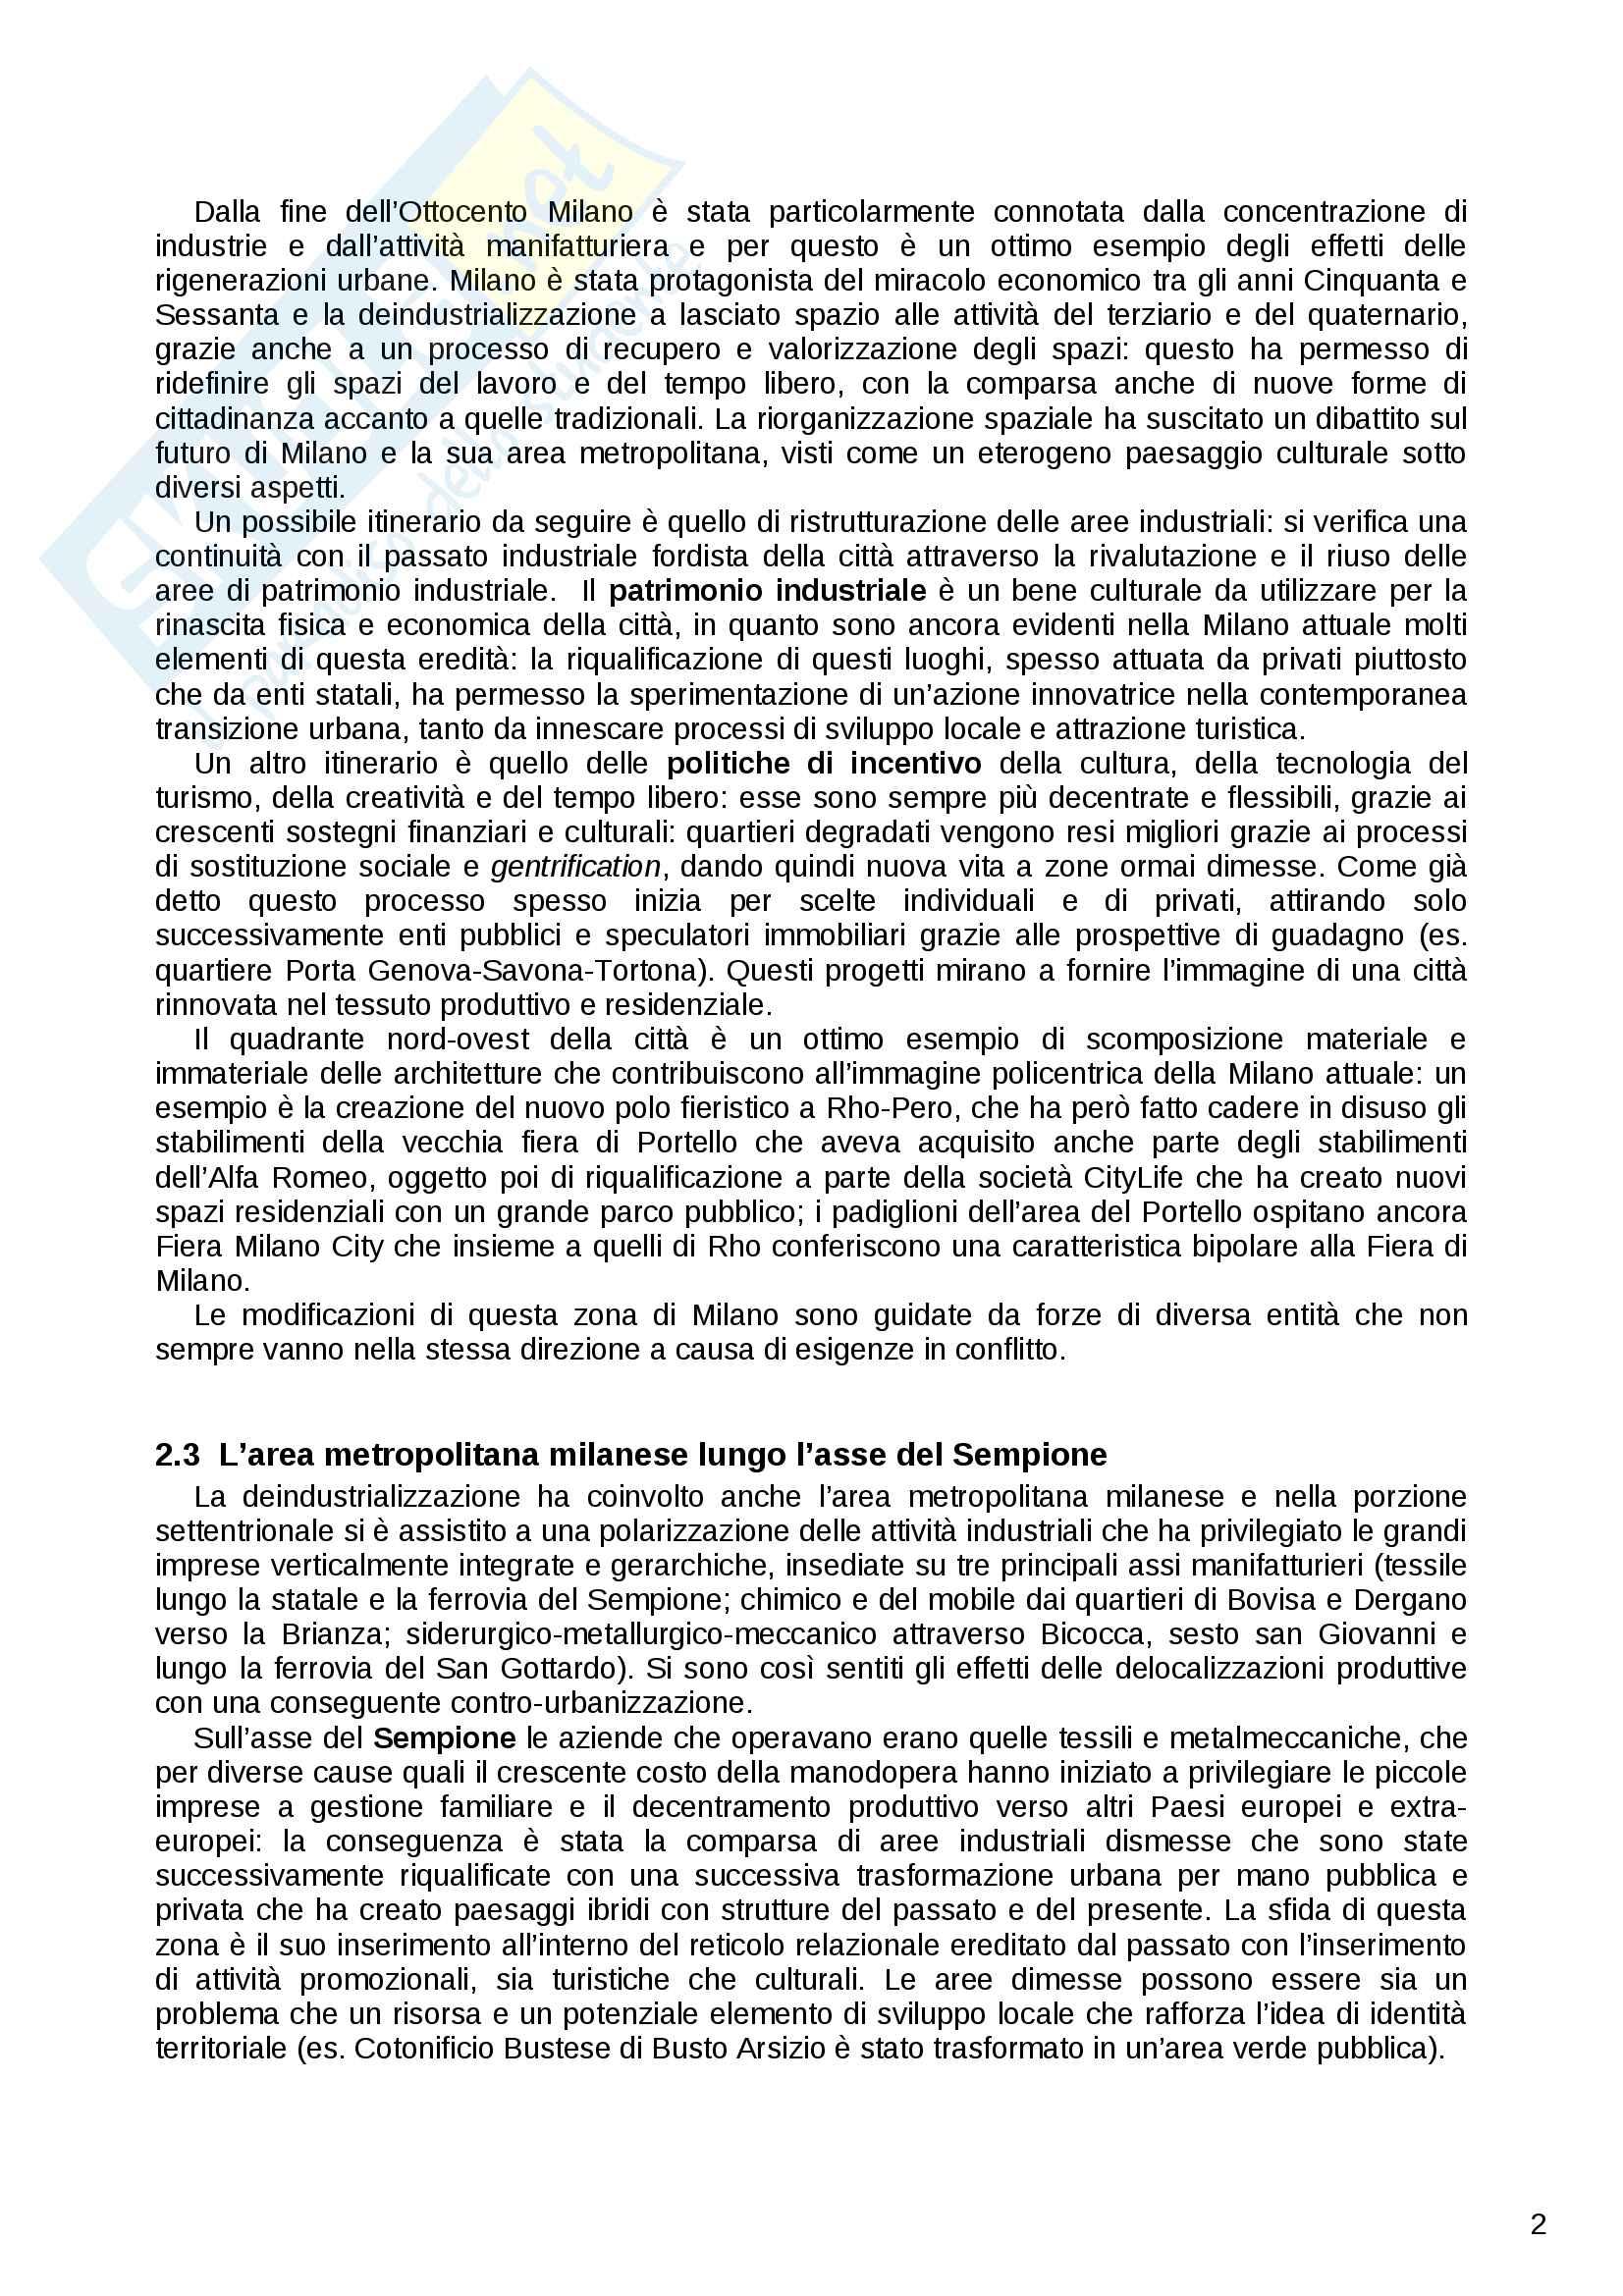 Riassunto esame Geografia Urbana e Regionale, prof. Dino Gavinelli, libro consigliato La Lombardia occidentale laboratorio di scomposizione e ricomposizione territoriale Pag. 2